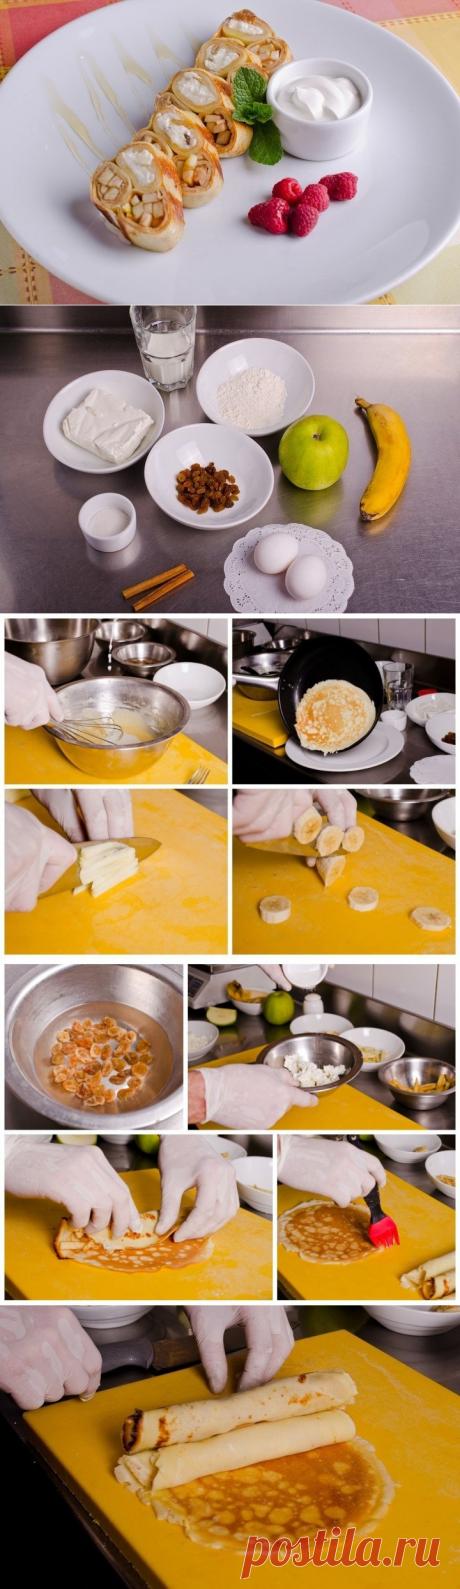 Как приготовить блины с творогом и фруктами - рецепт, ингредиенты и фотографии